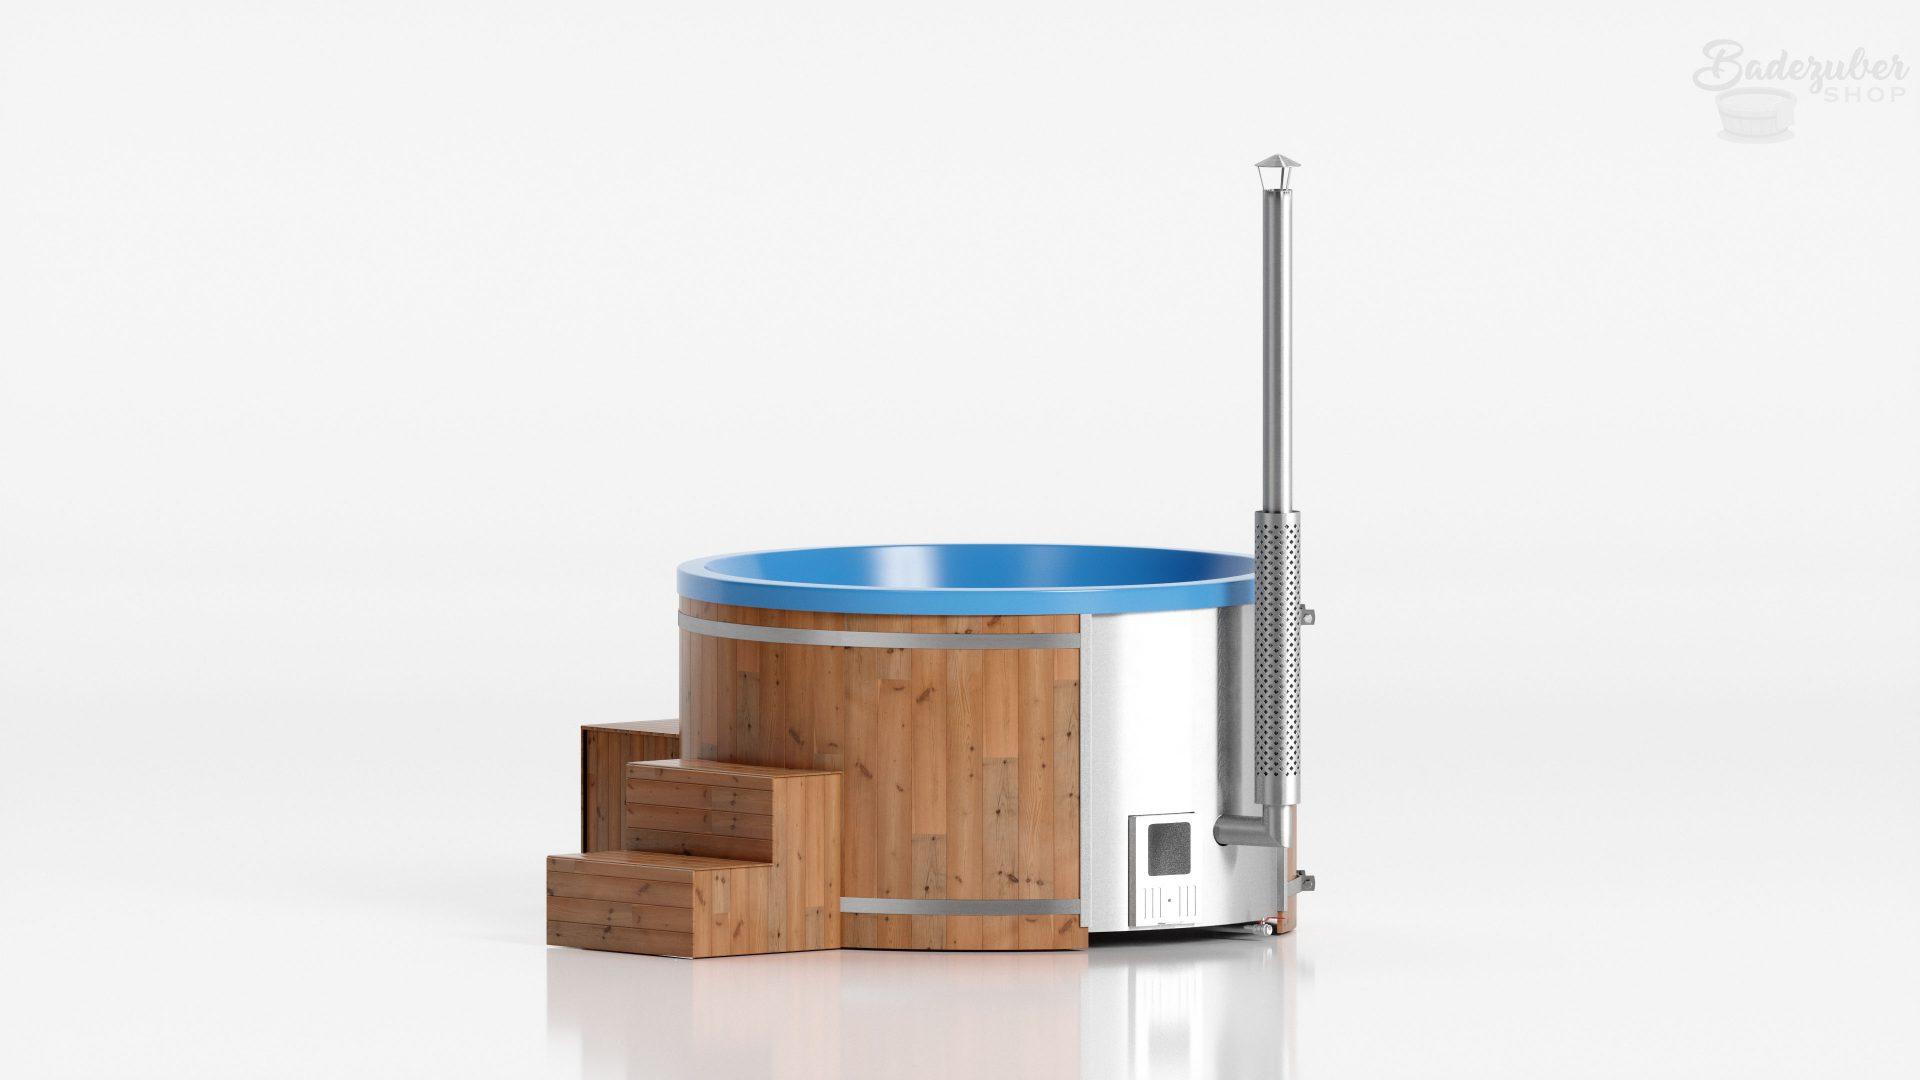 Runder Badezuber aus Acryl für bis zu 8 Personen in Blau, Verkleidung mit Lärchenholz und Lärchenlasur